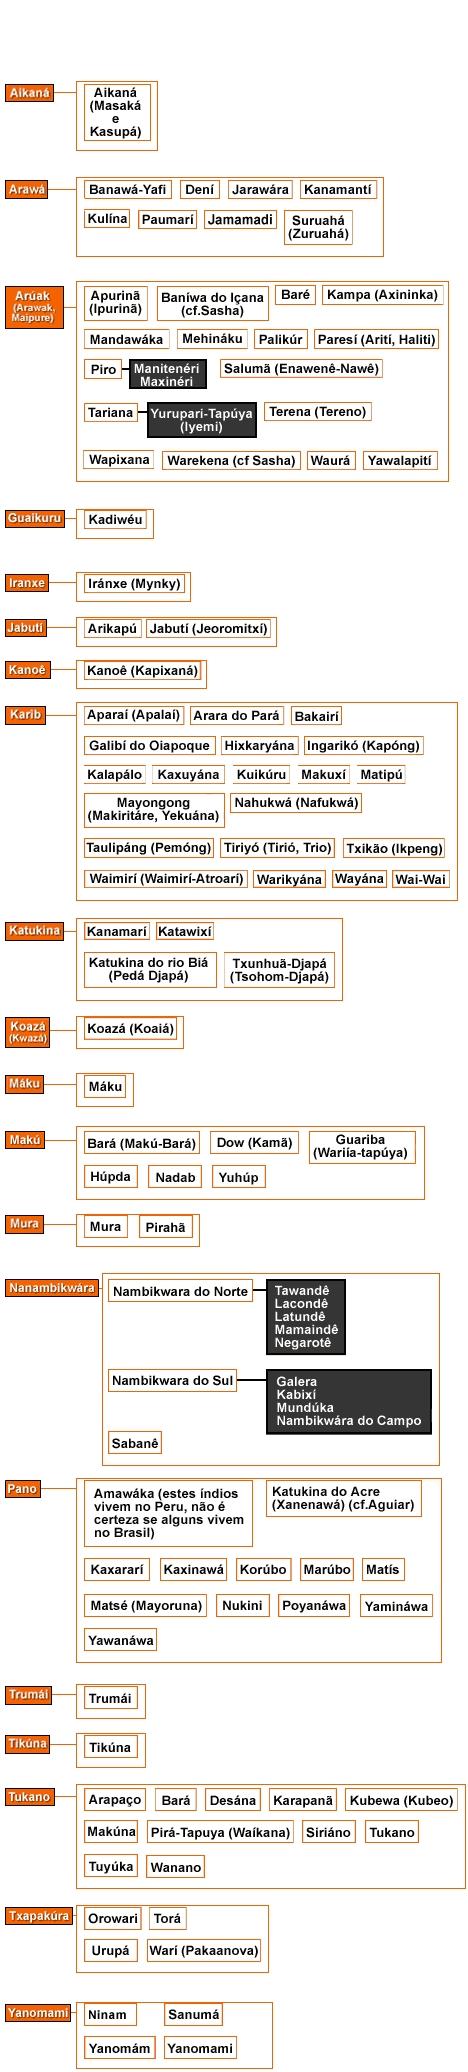 Outras famílias linguísticas